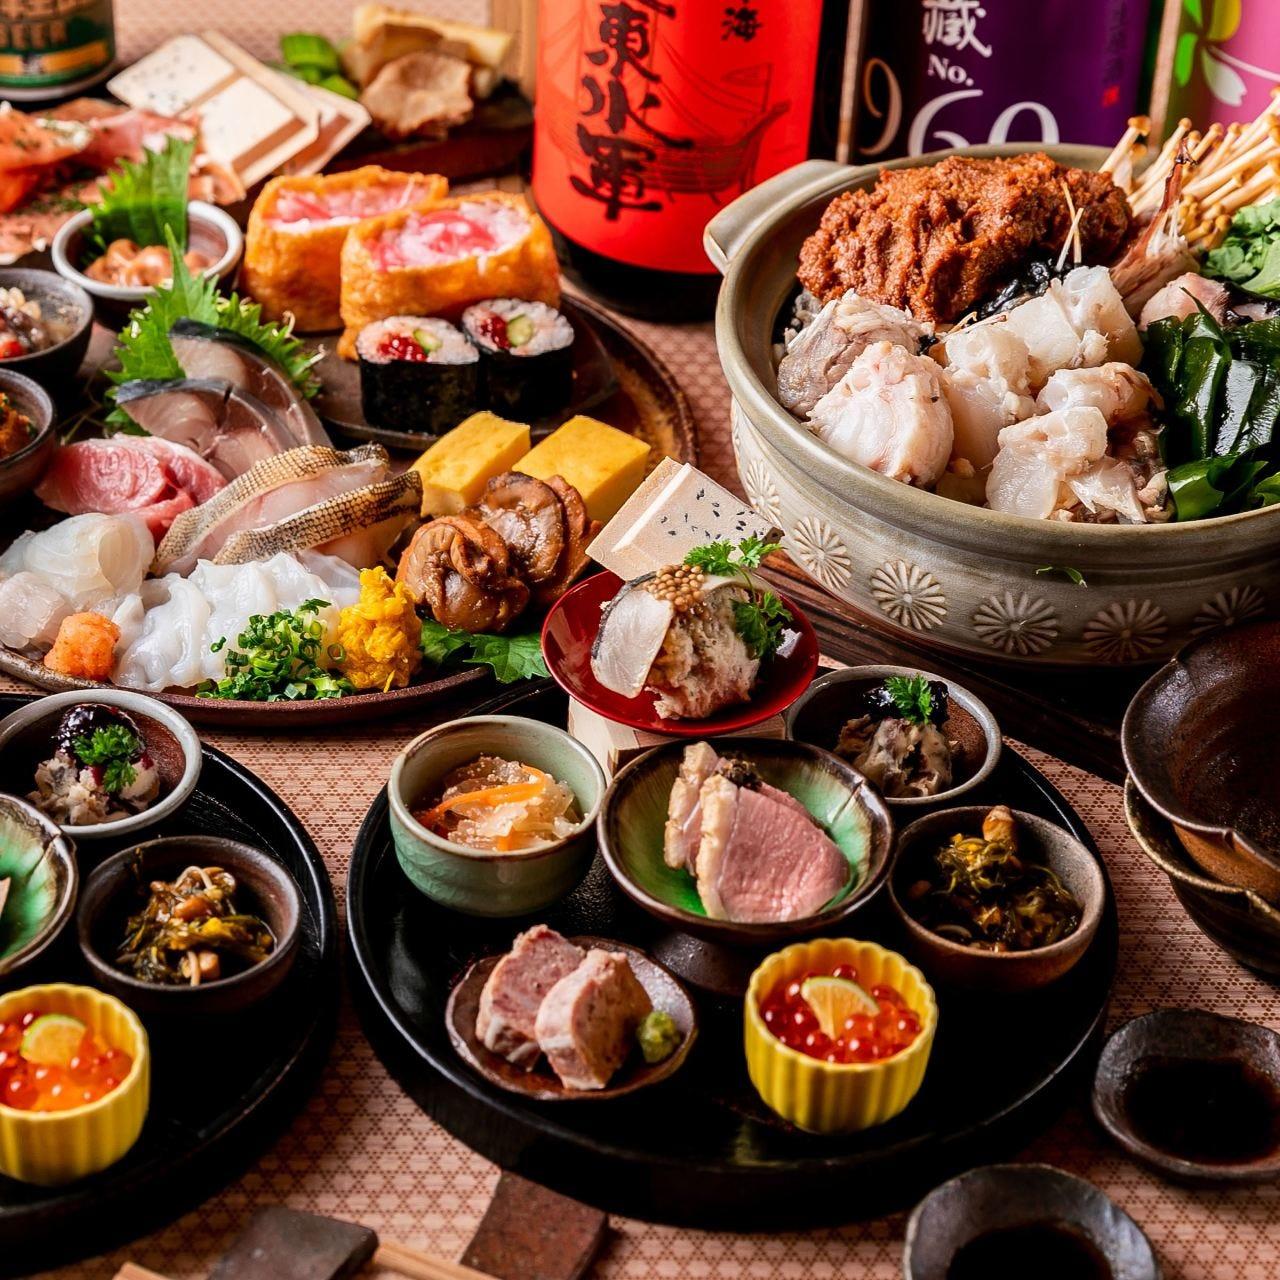 青森の食材と食器にこだわった自慢のコース料理です